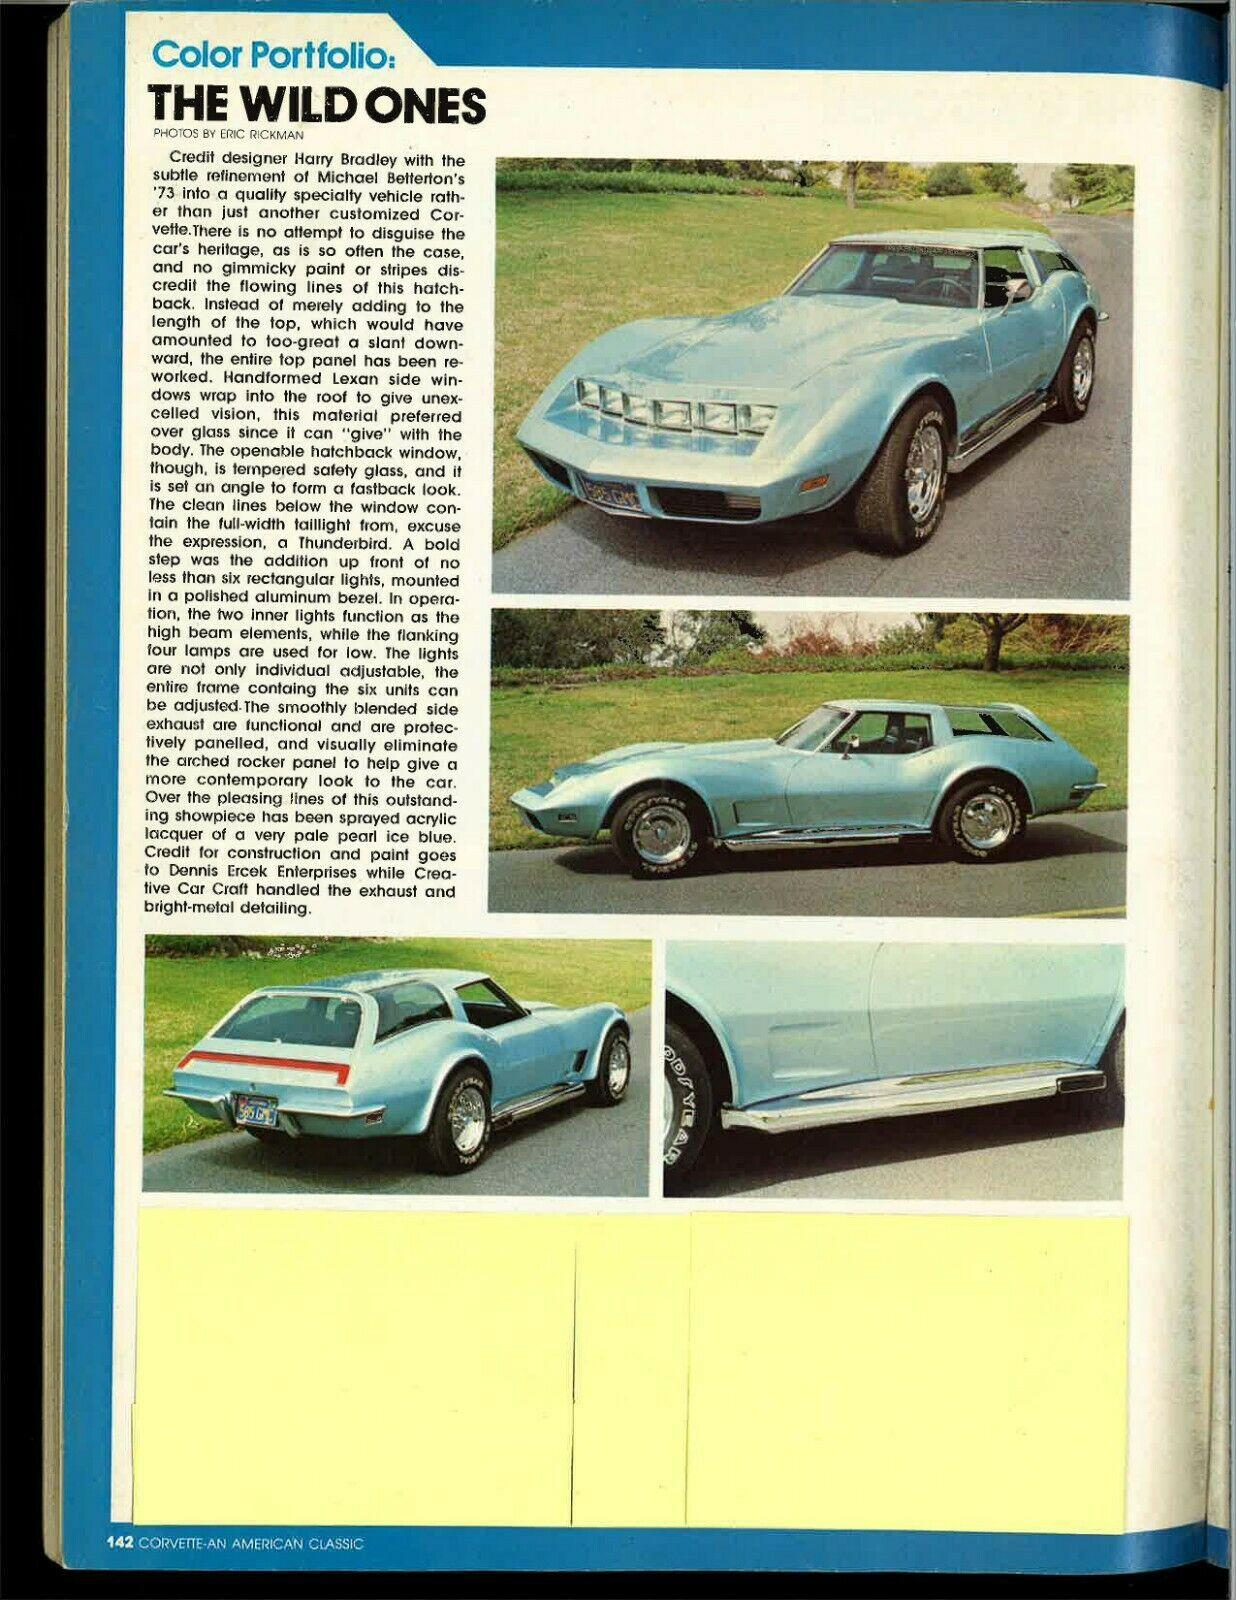 1973 Chevrolet Corvette Custom in Corvette magazine